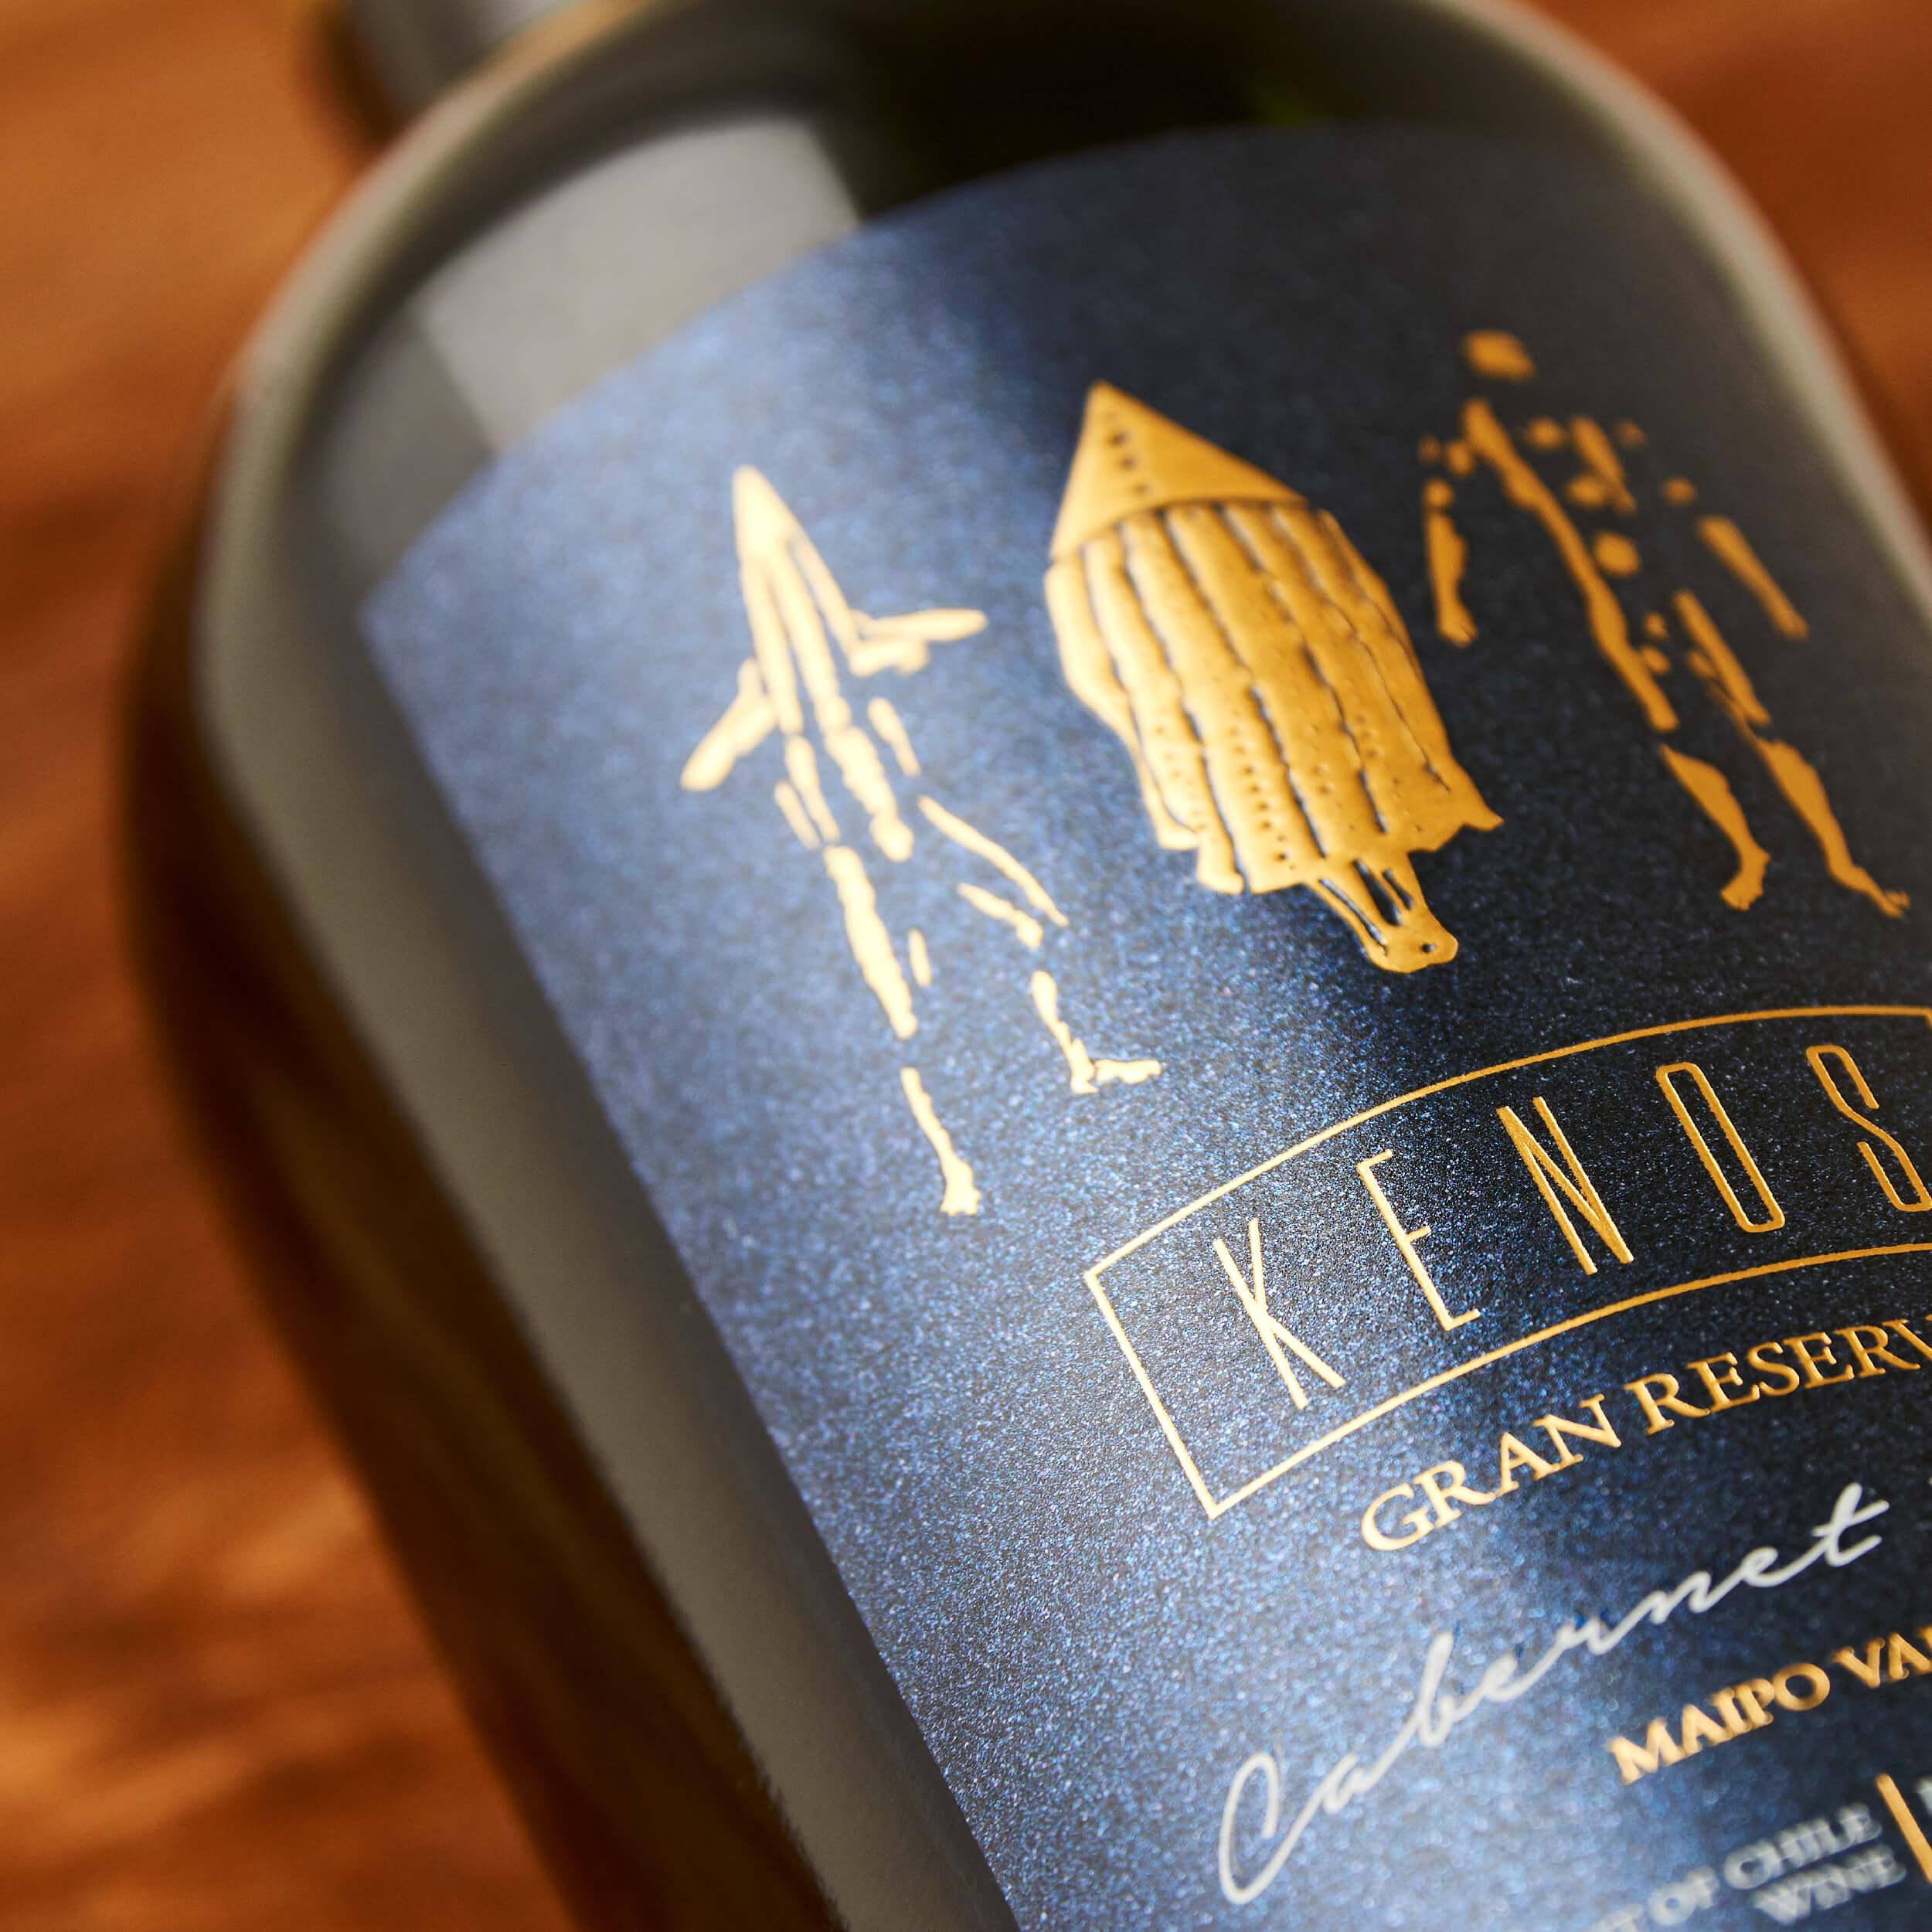 vinos-portada-kenos-granreserva-cabernet-sauvignon.jpg